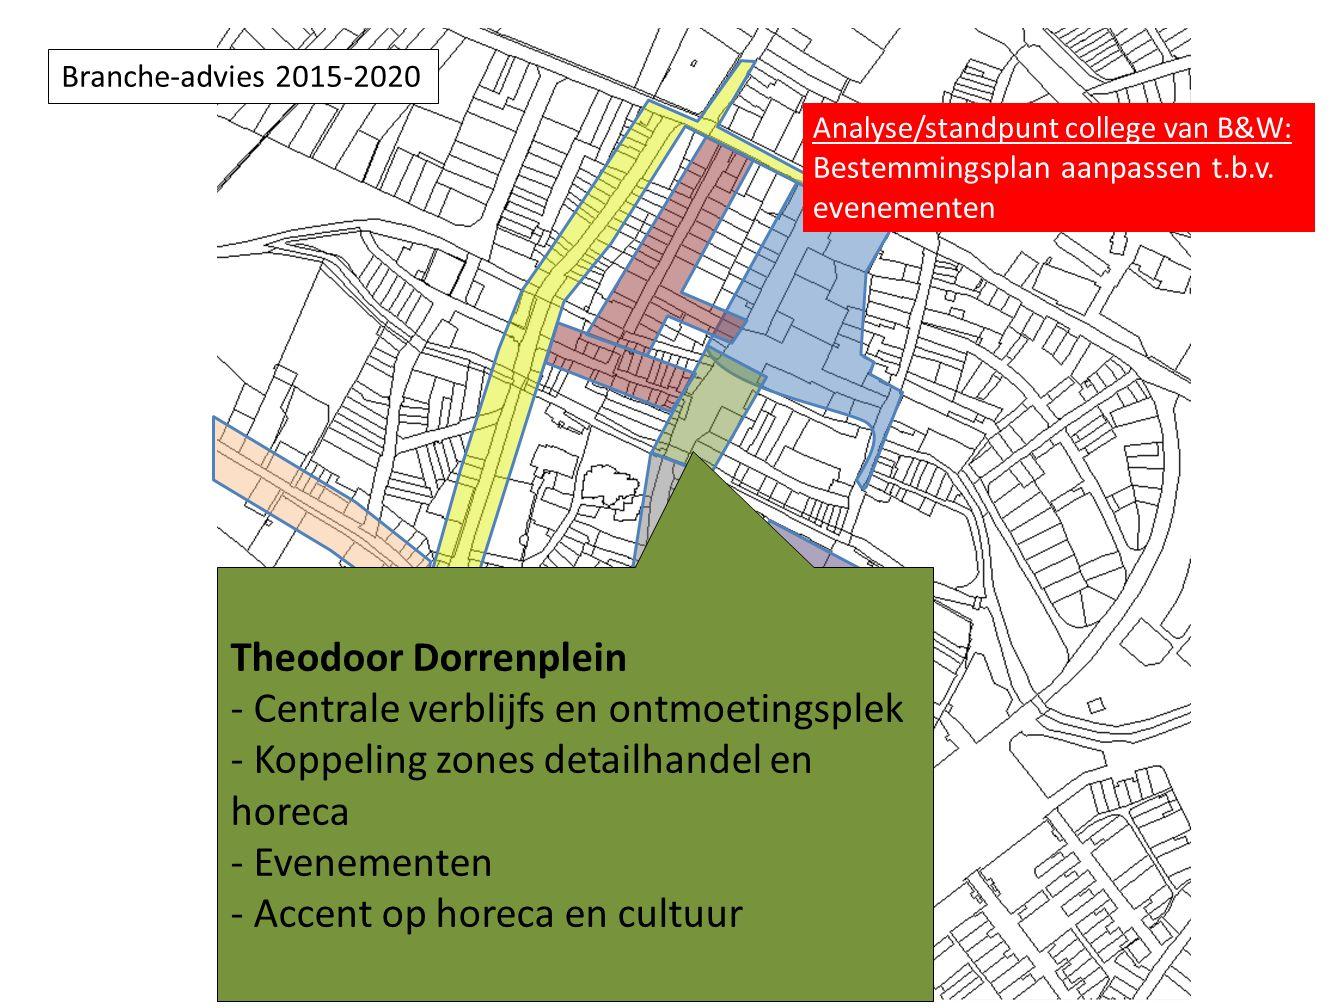 Theodoor Dorrenplein - Centrale verblijfs en ontmoetingsplek - Koppeling zones detailhandel en horeca - Evenementen - Accent op horeca en cultuur Branche-advies 2015-2020 Analyse/standpunt college van B&W: Bestemmingsplan aanpassen t.b.v.